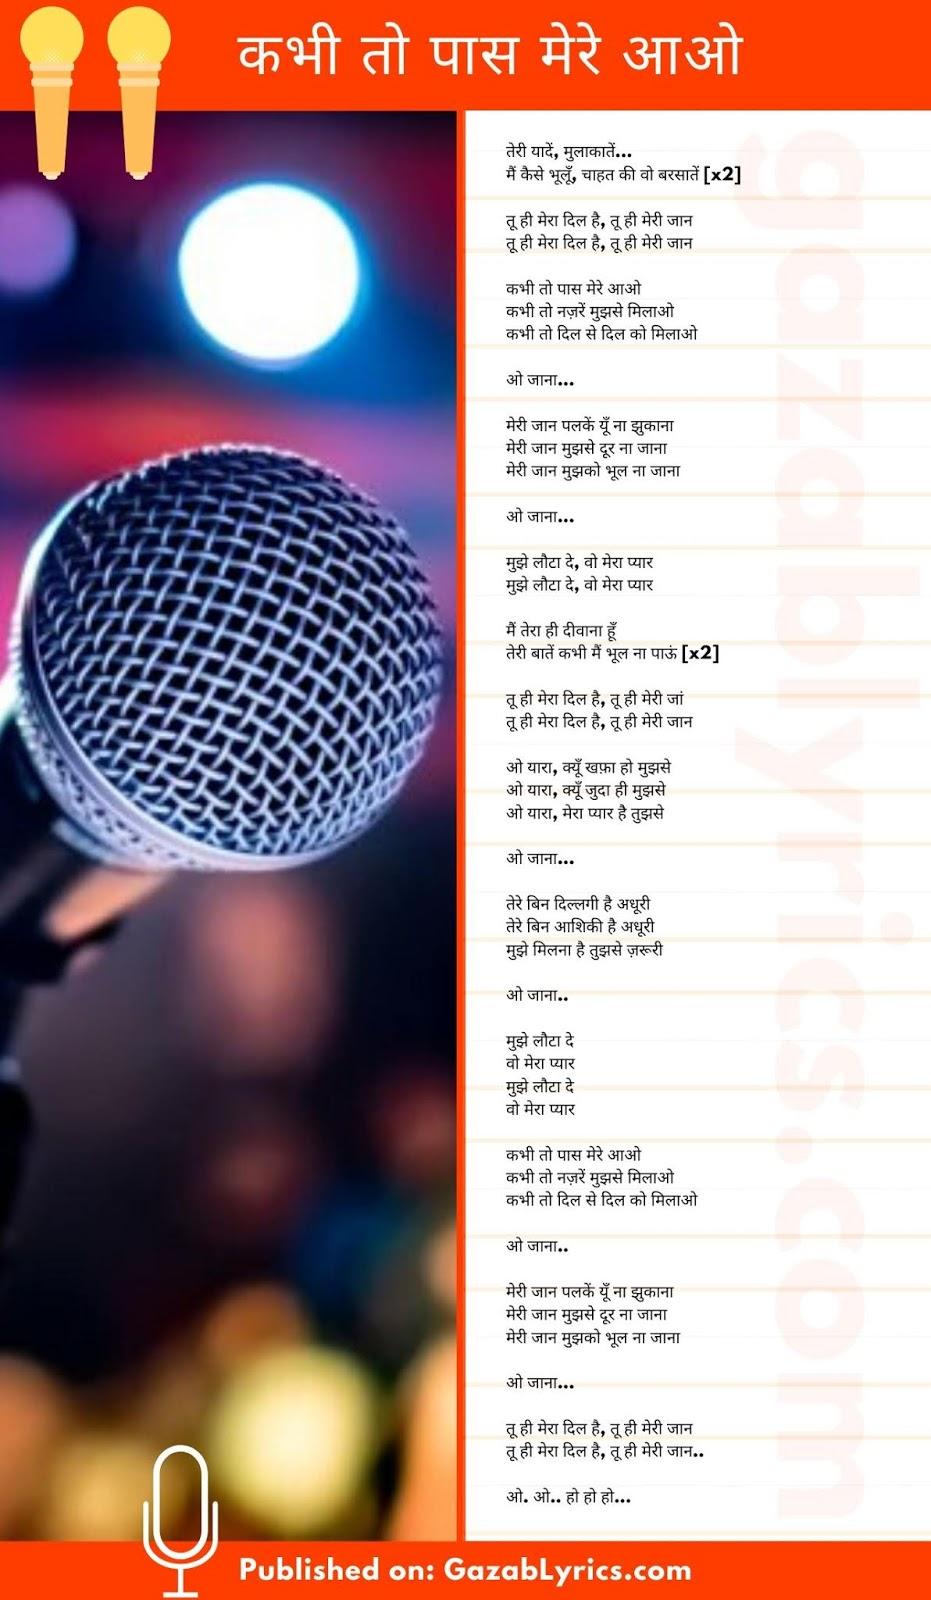 Kabhi Toh Paas Mere Aao song lyrics image